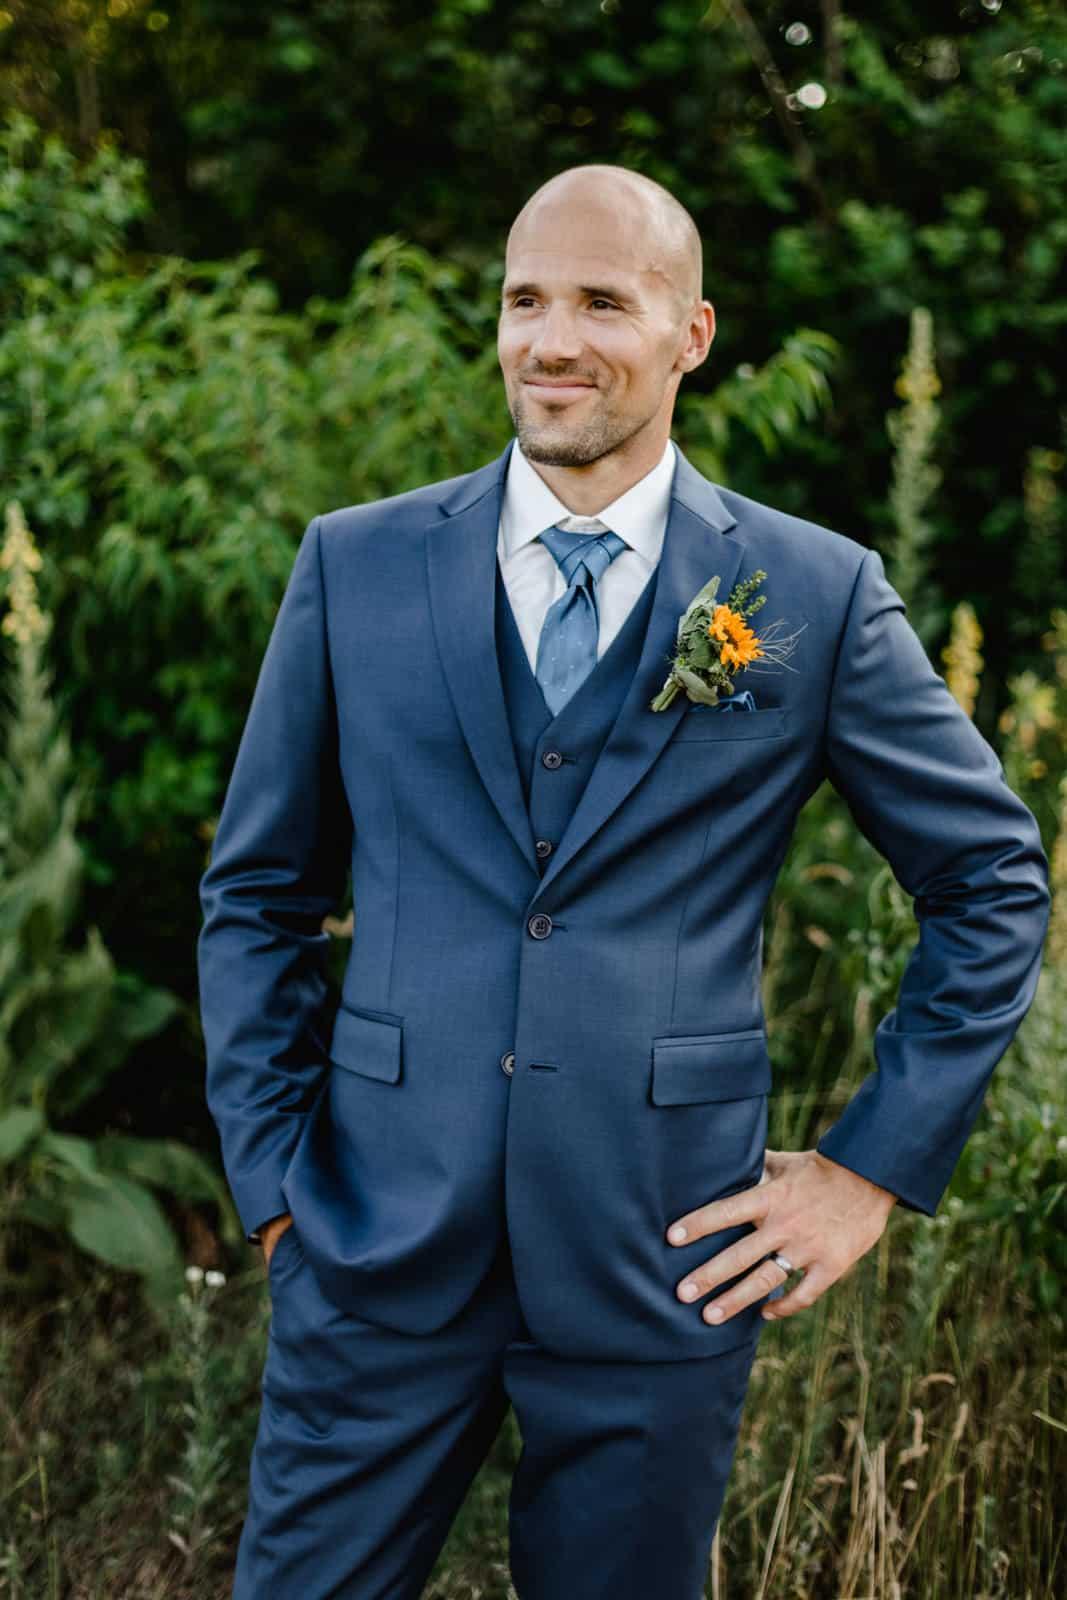 Bräutigam steht im grünen im Hochzeittsanzug mit Hände in den Hüften und lächeld